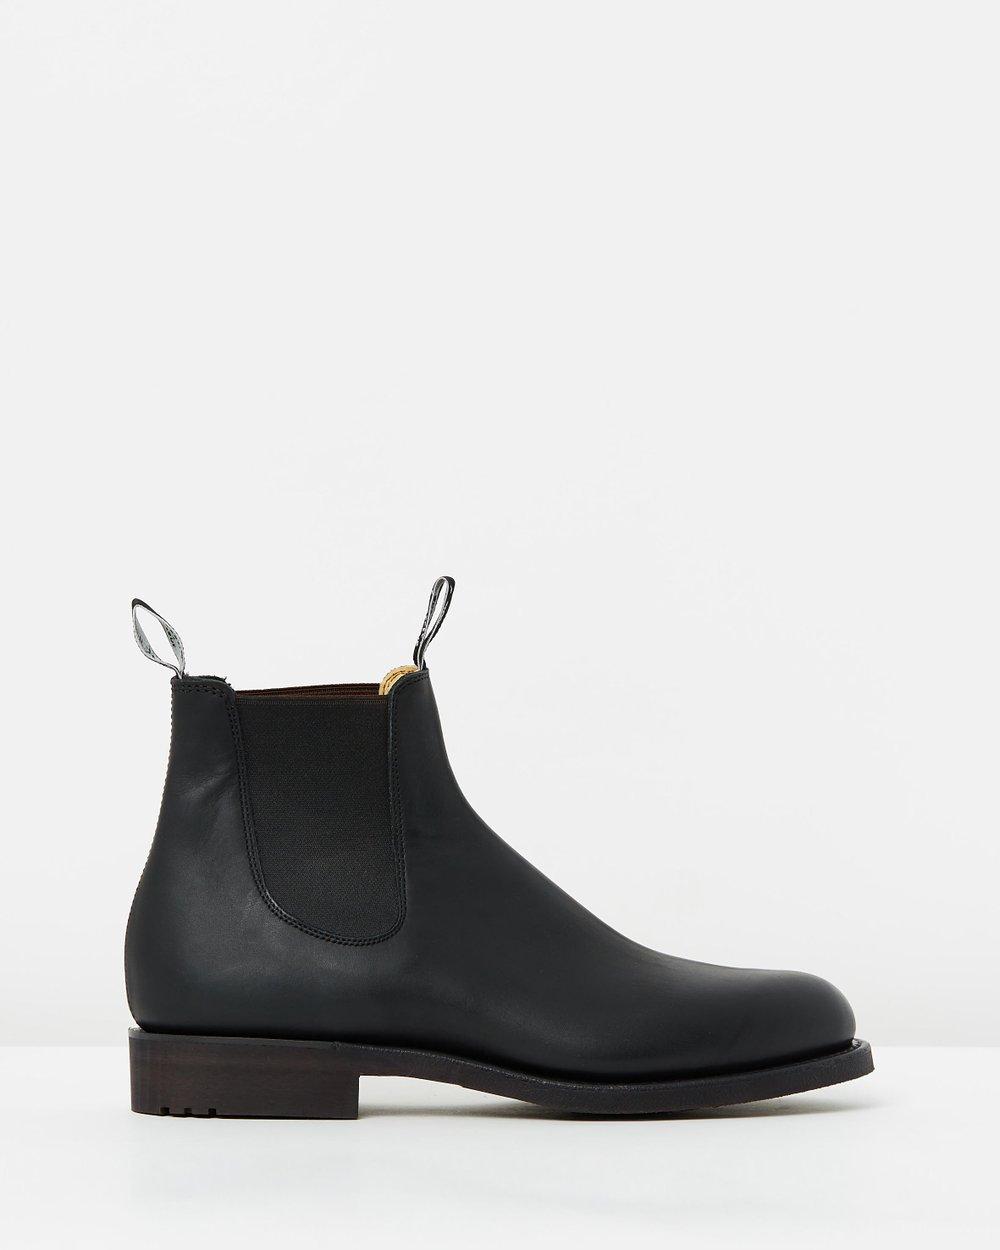 637a5457345 Gardener Boots